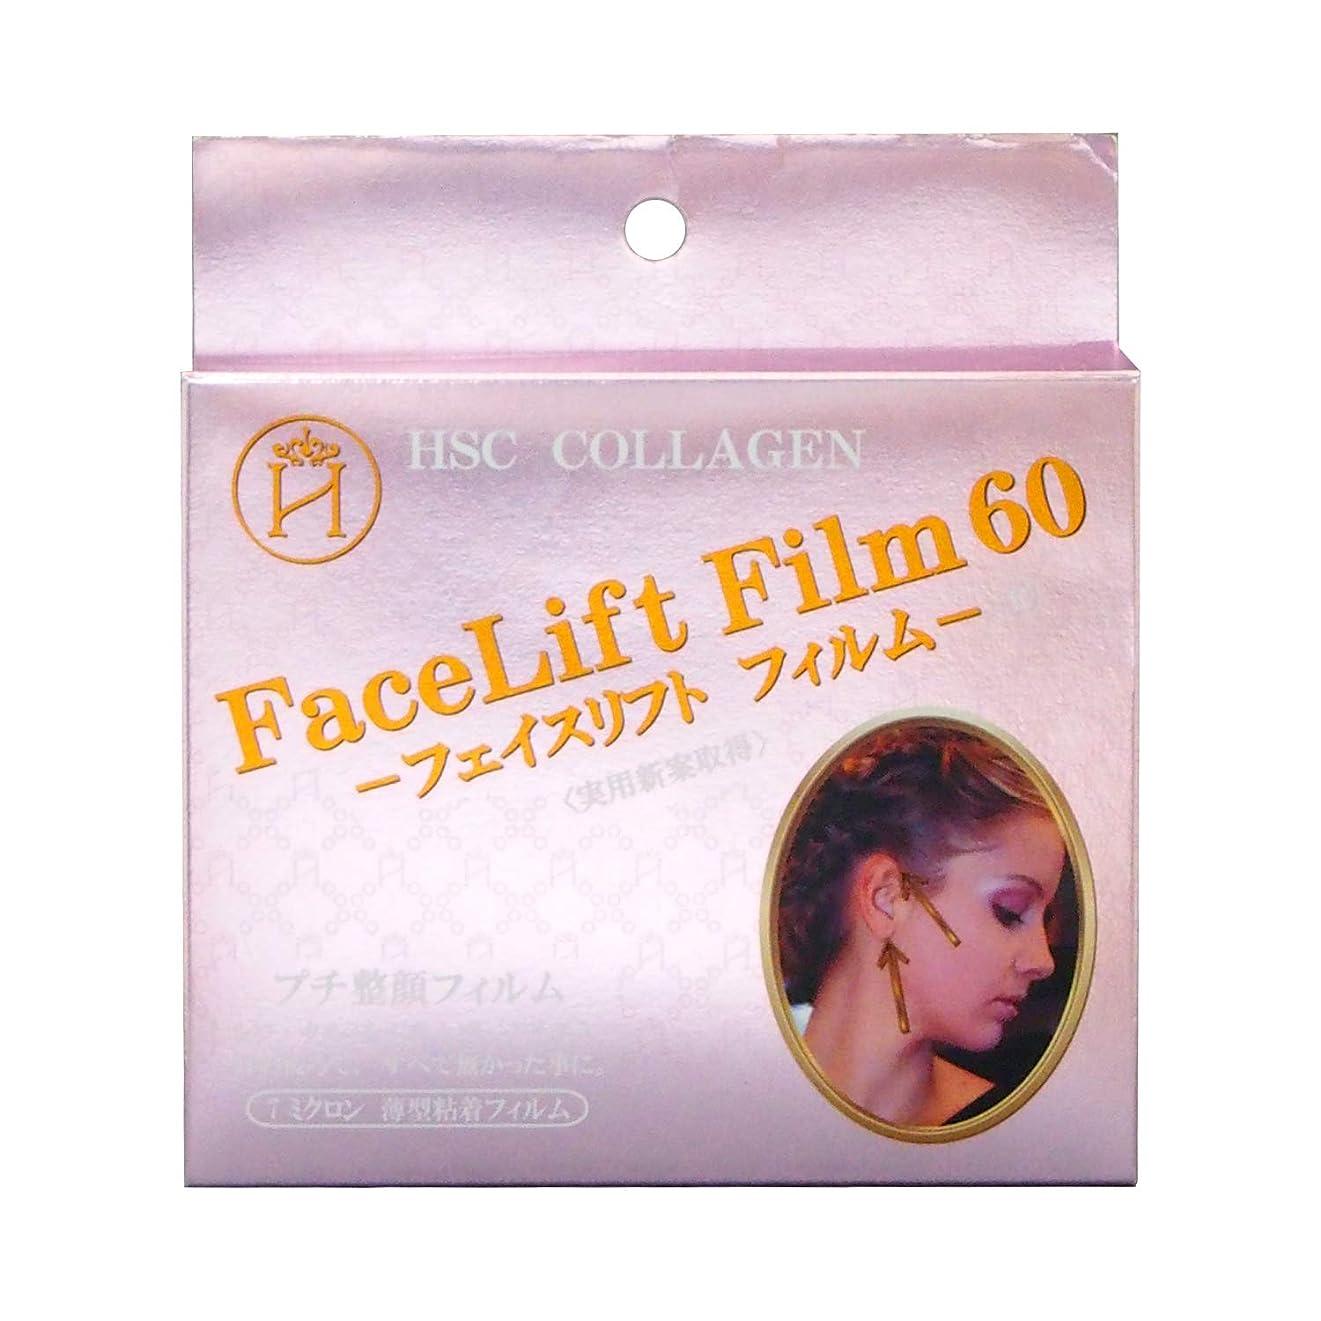 シソーラス尊厳吹きさらしフェイスリフトフィルム60 たるみ テープ 引き上げ 透明 目立たない フェイスライン